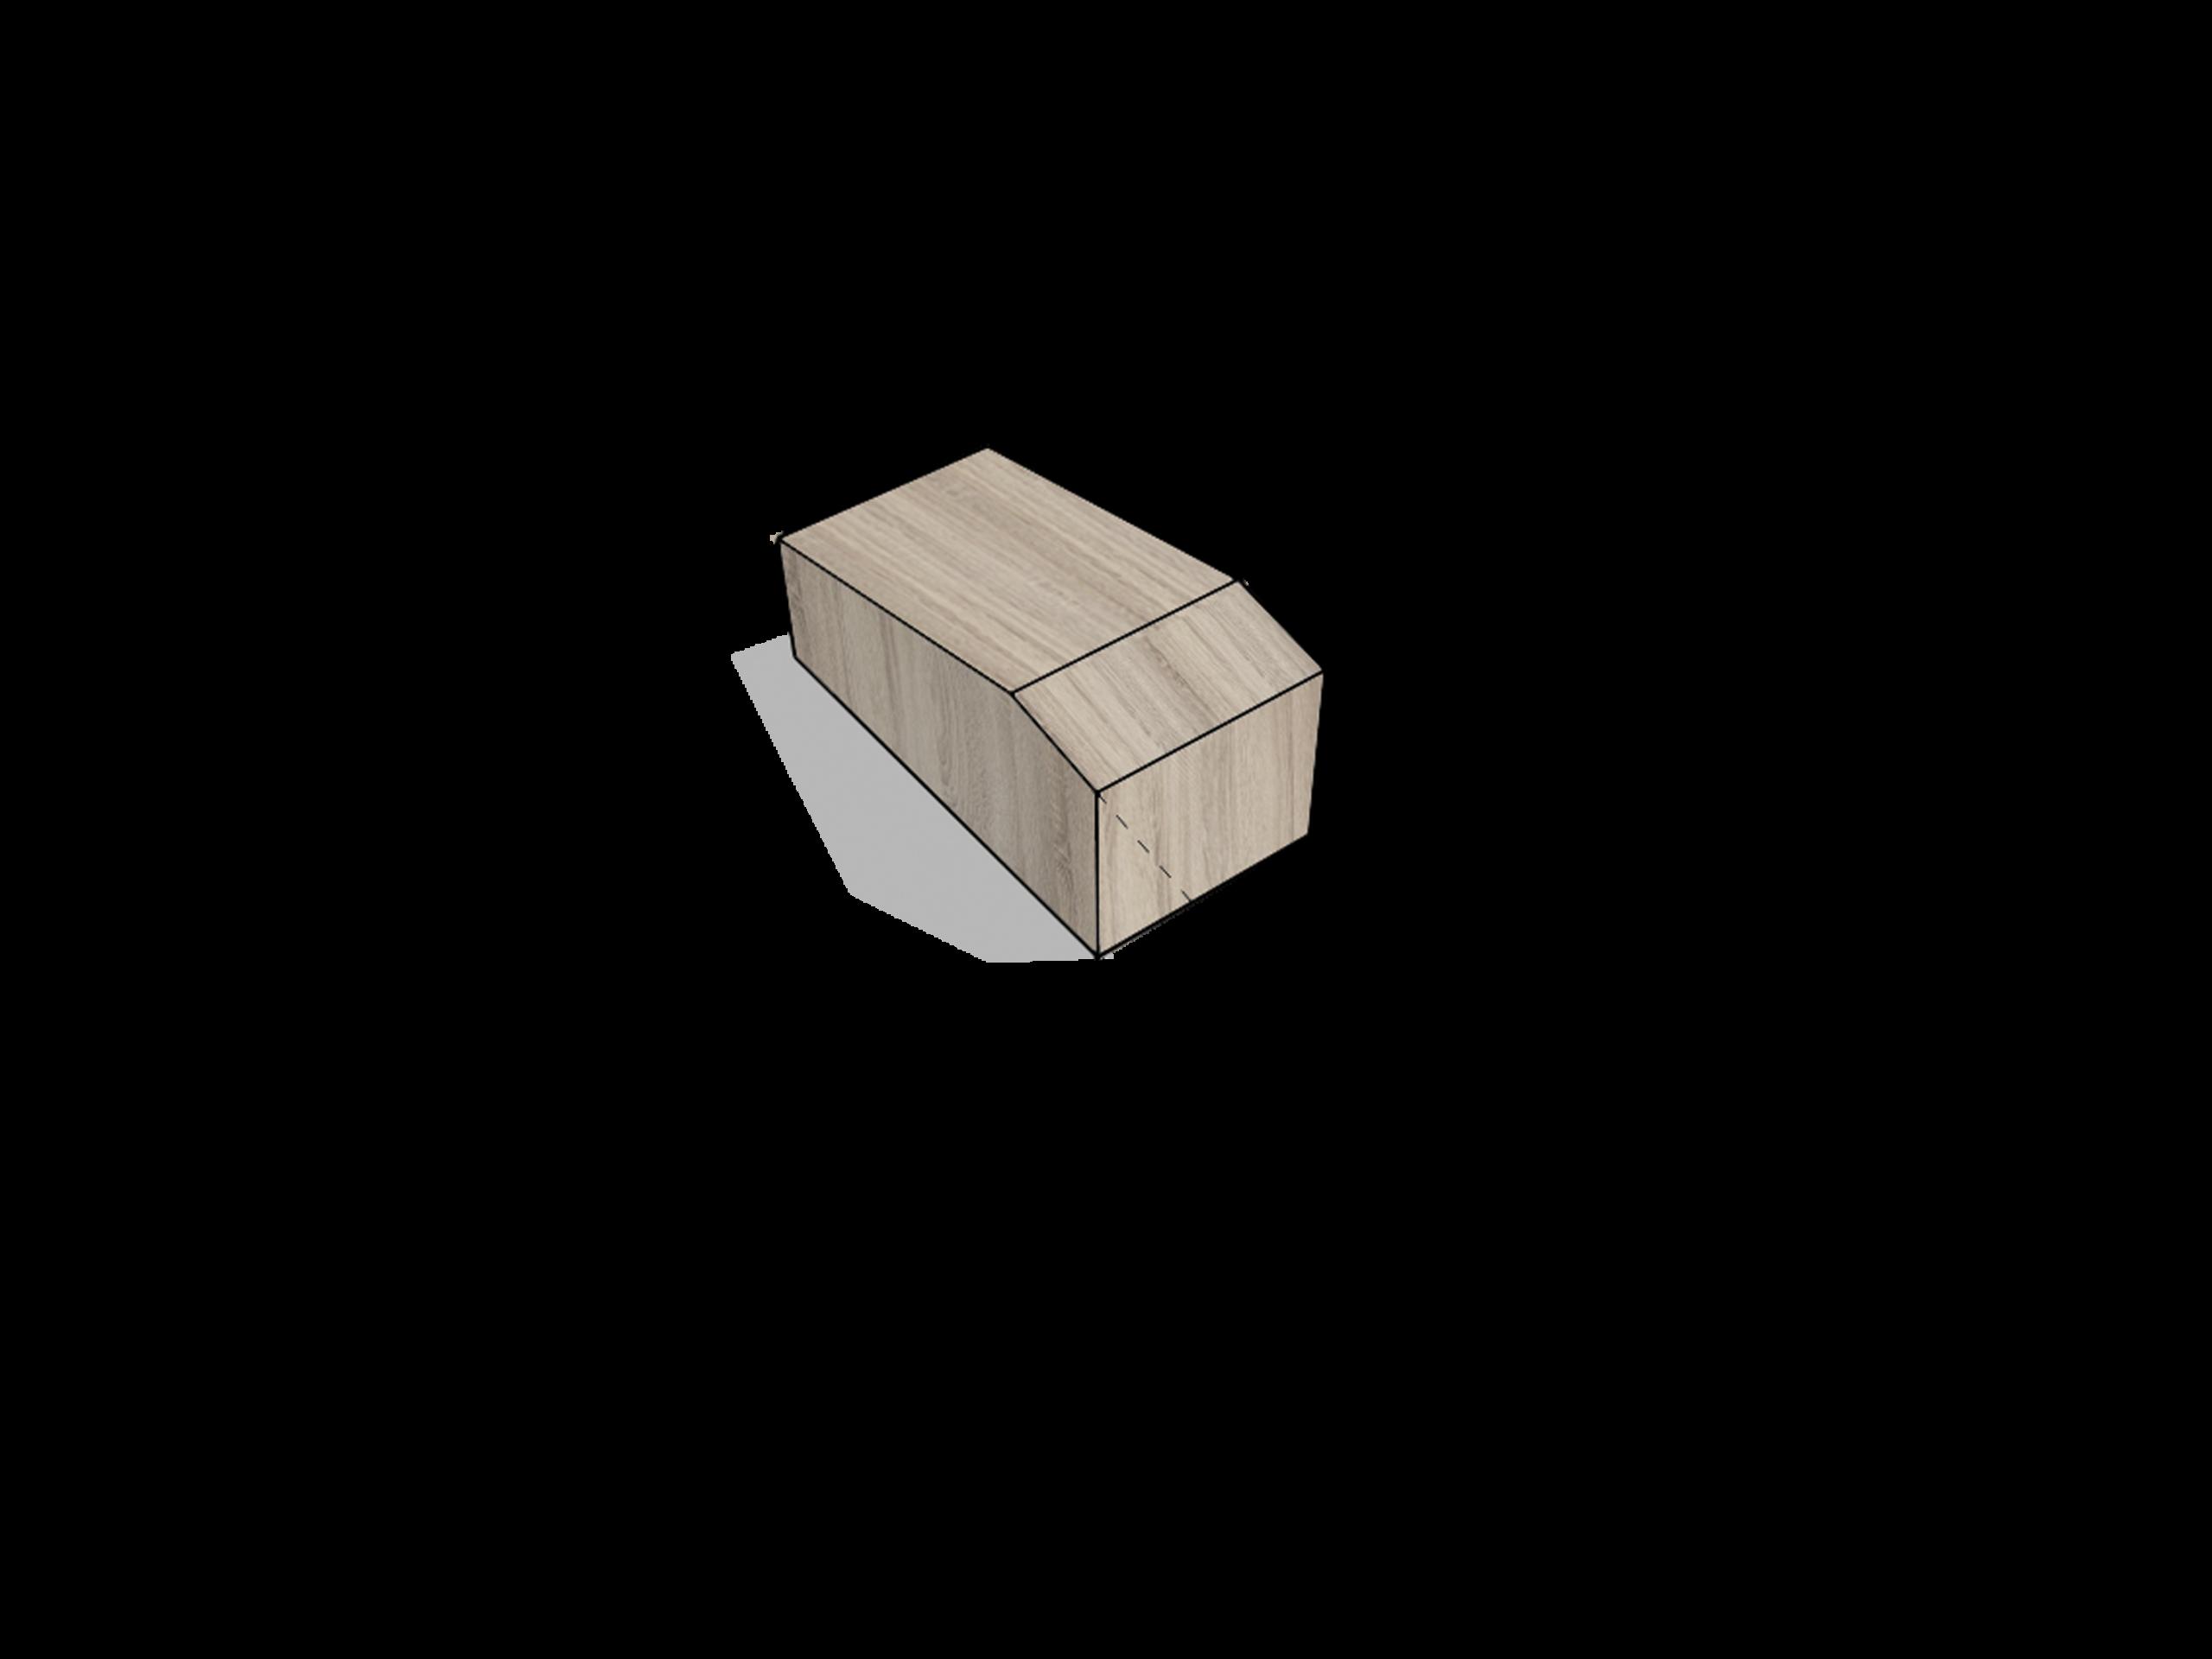 Et-modul